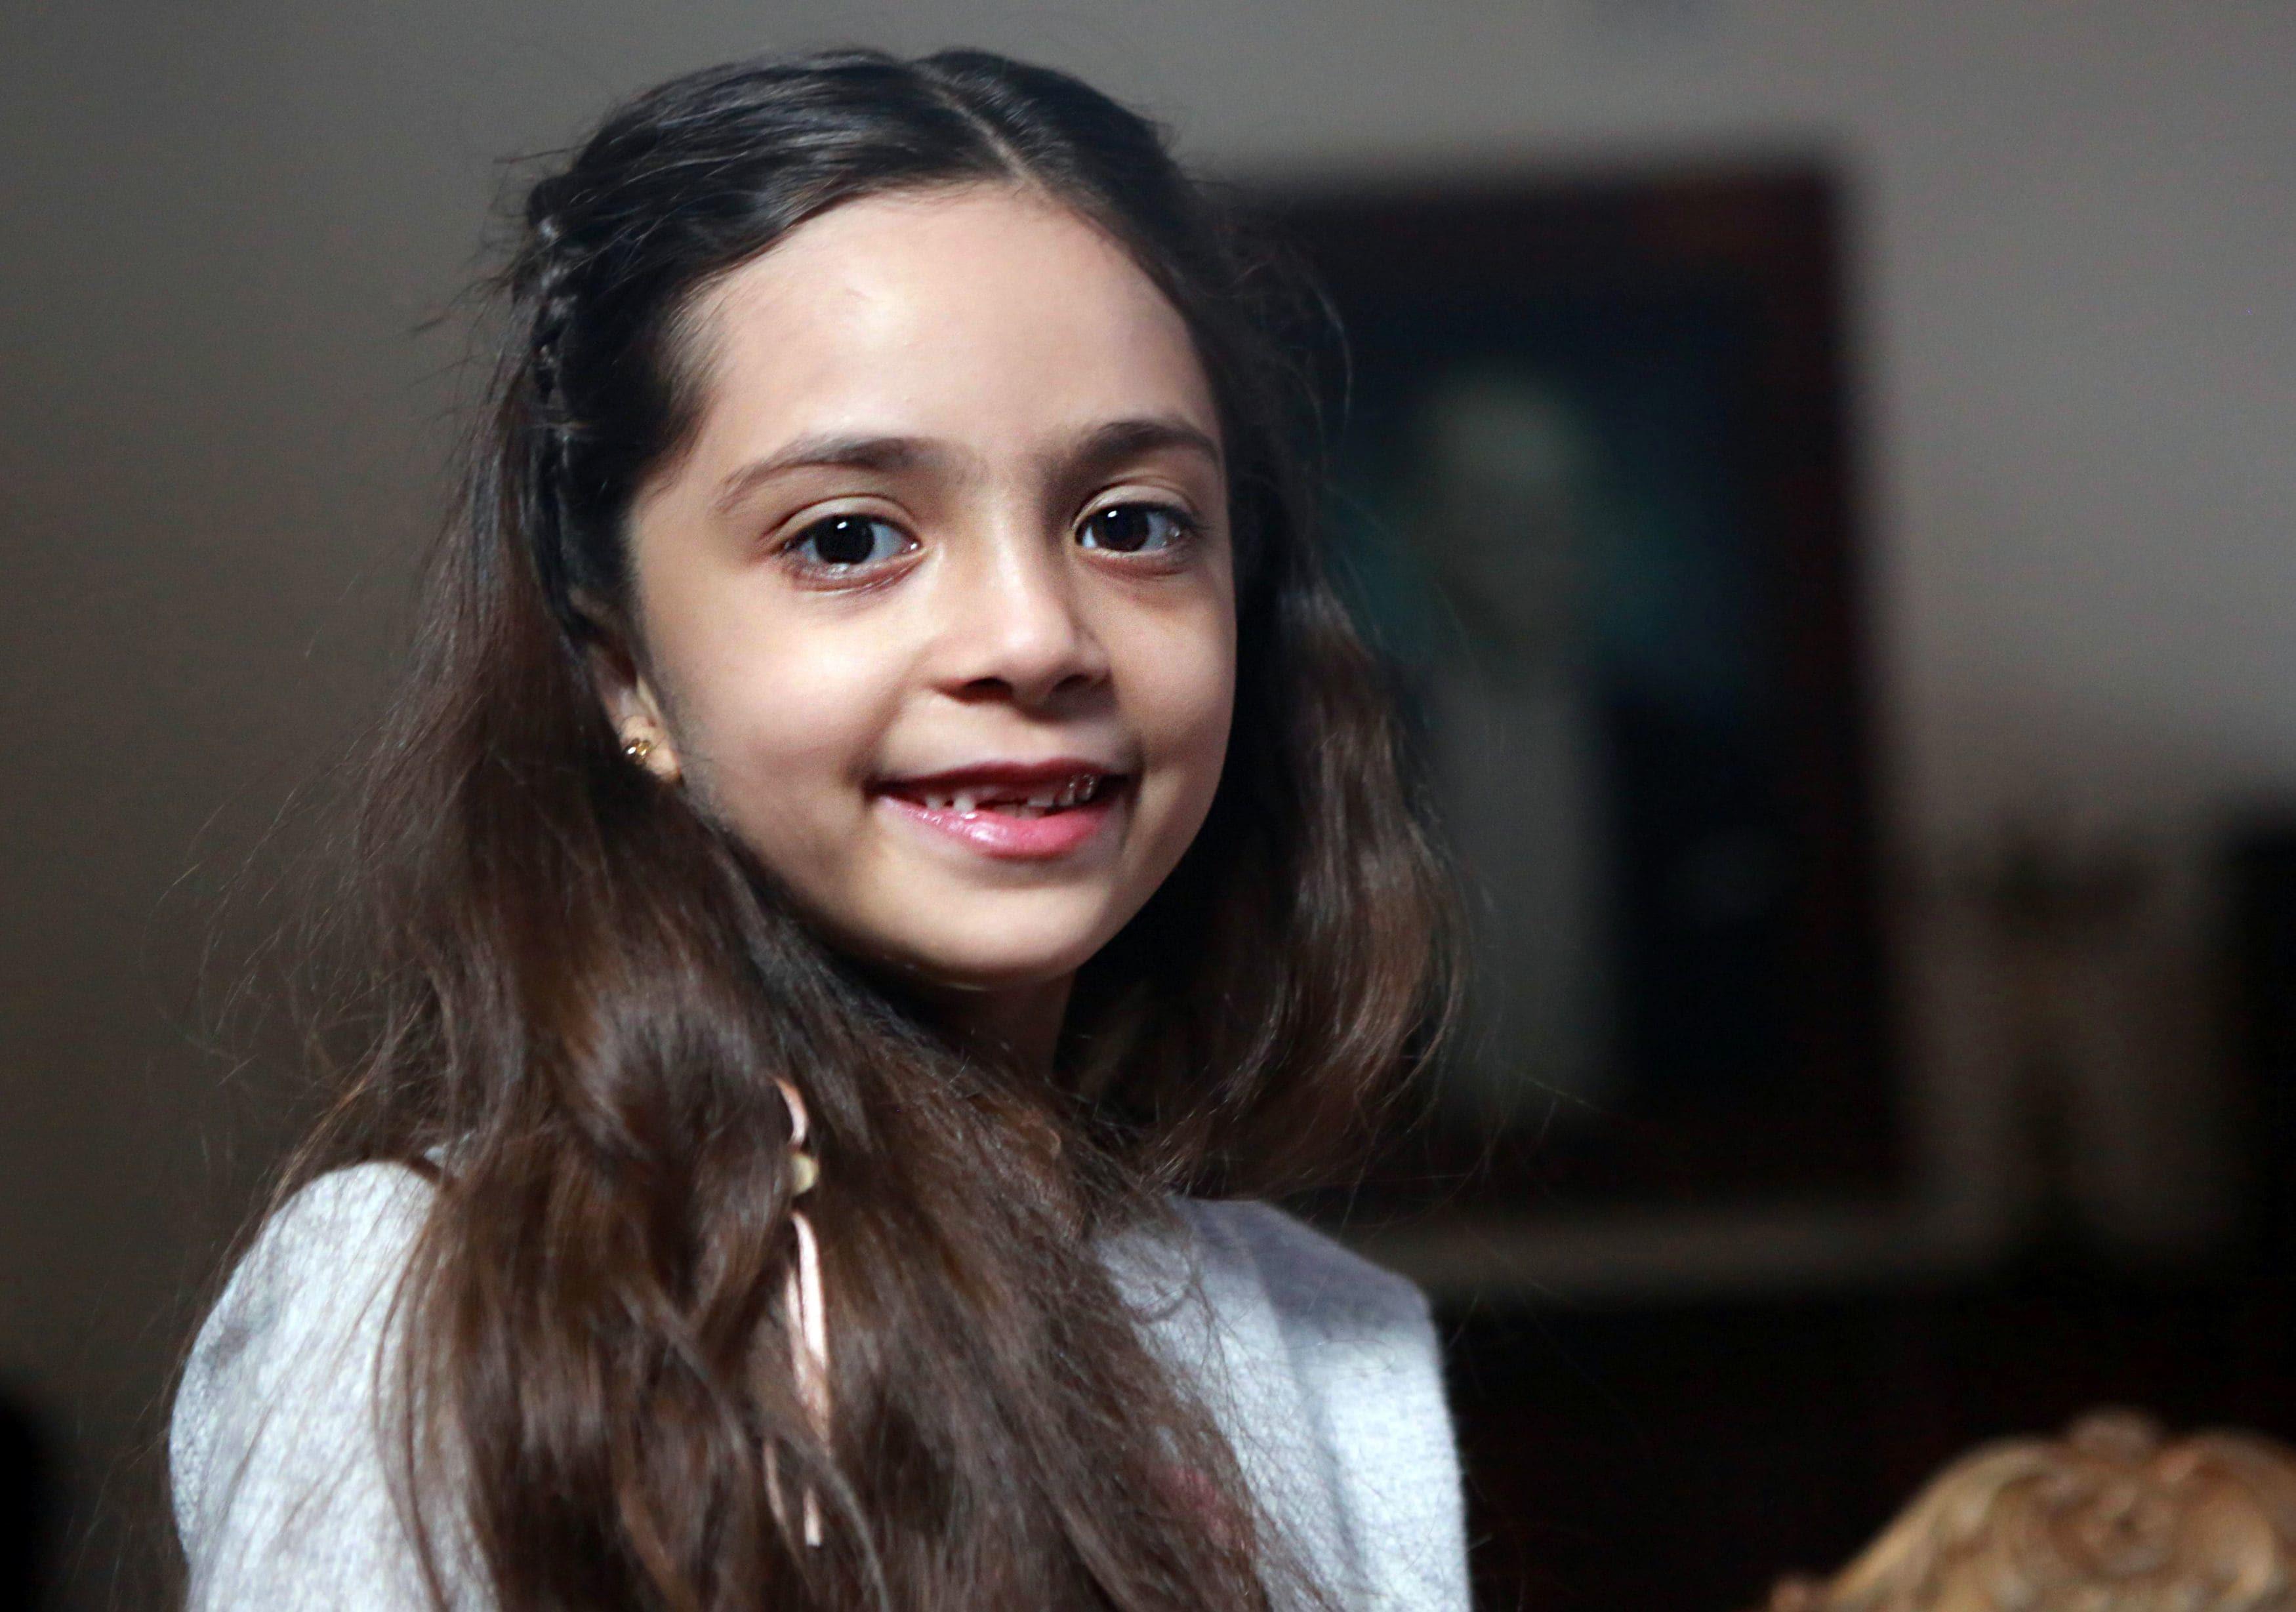 Bé gái 8 tuổi có ảnh hưởng nhất Internet hiện nay là ai?